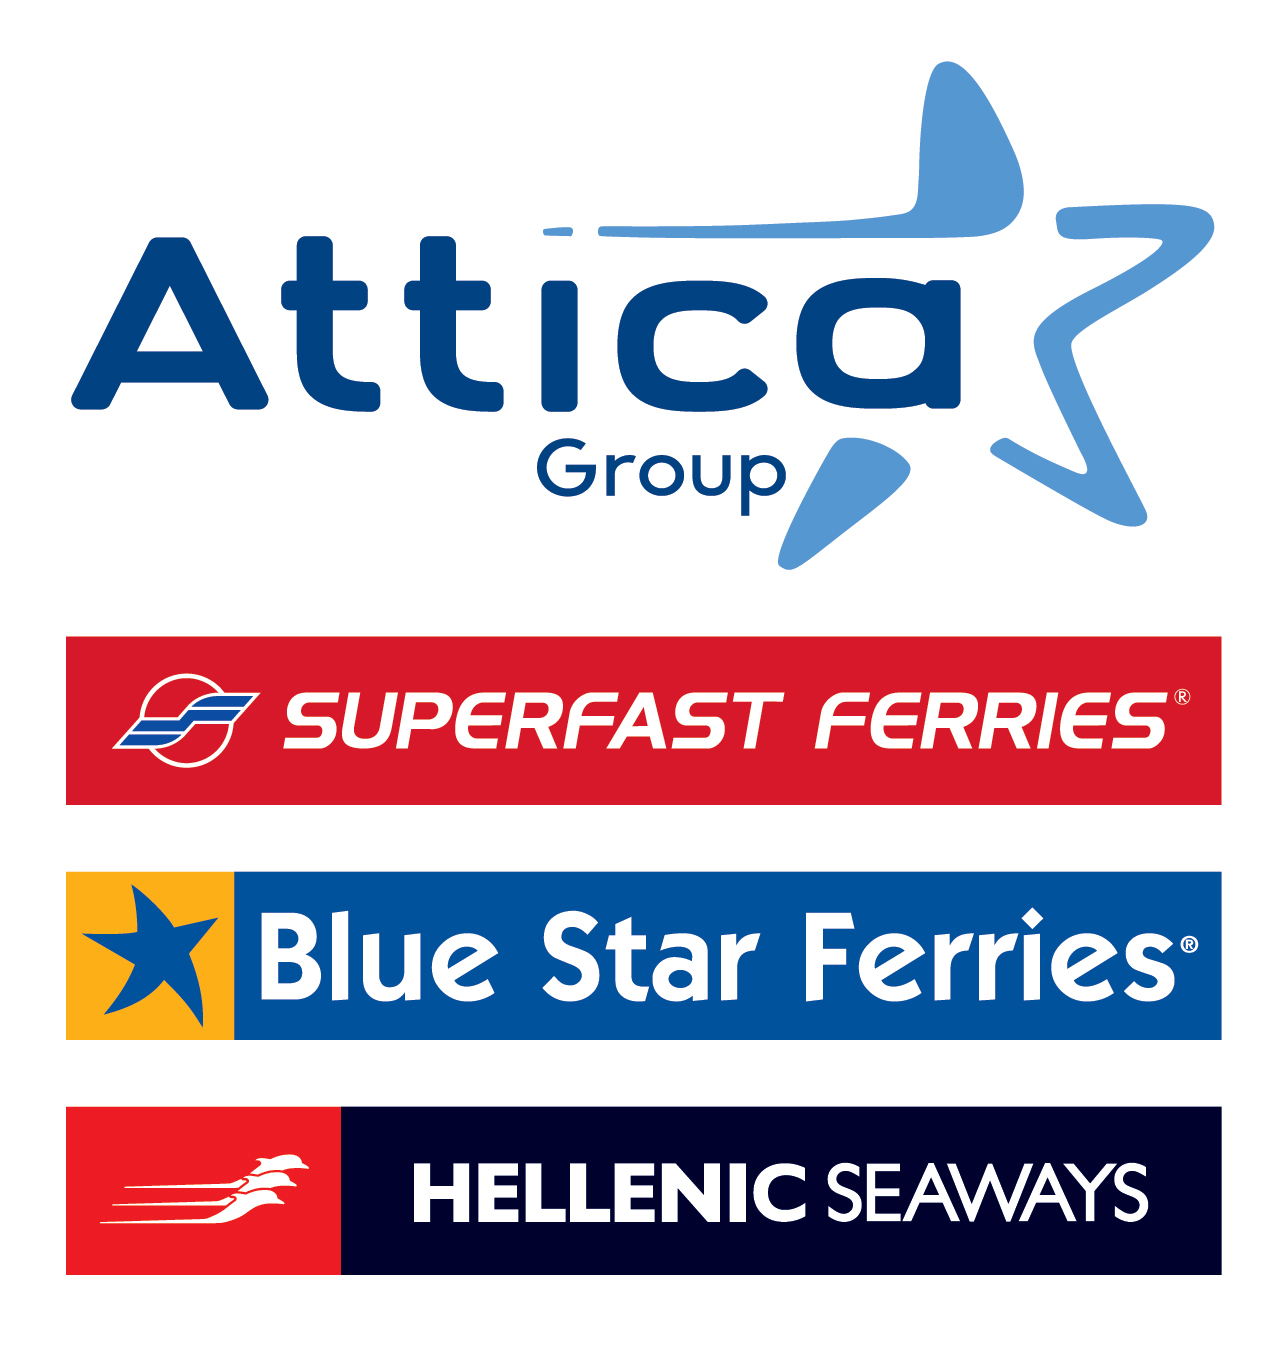 new_logo_attica_2019_4logia